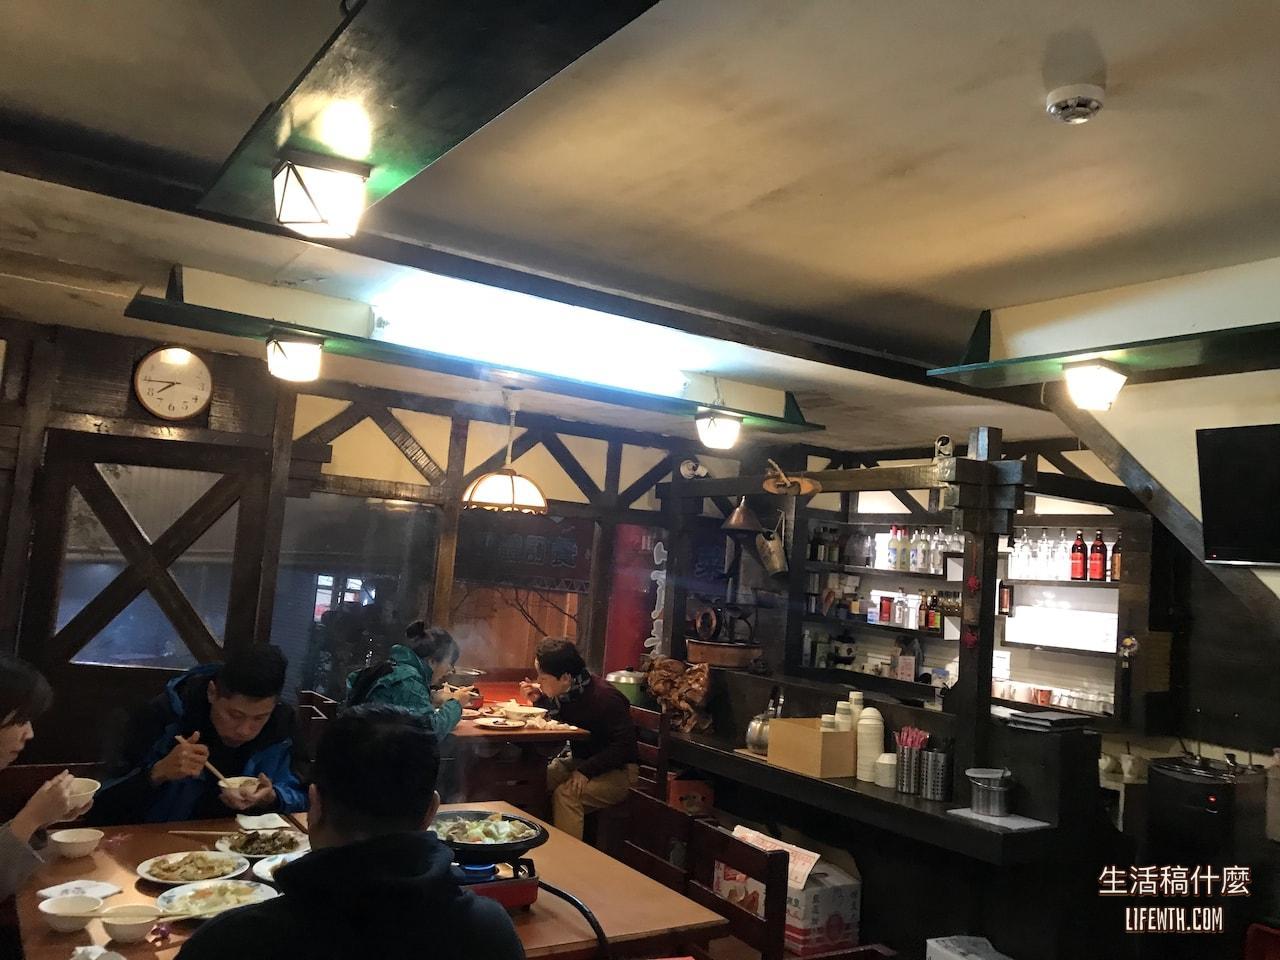 嘉義 阿里山美食:山賓餐廳 推薦必吃石頭火鍋、合菜